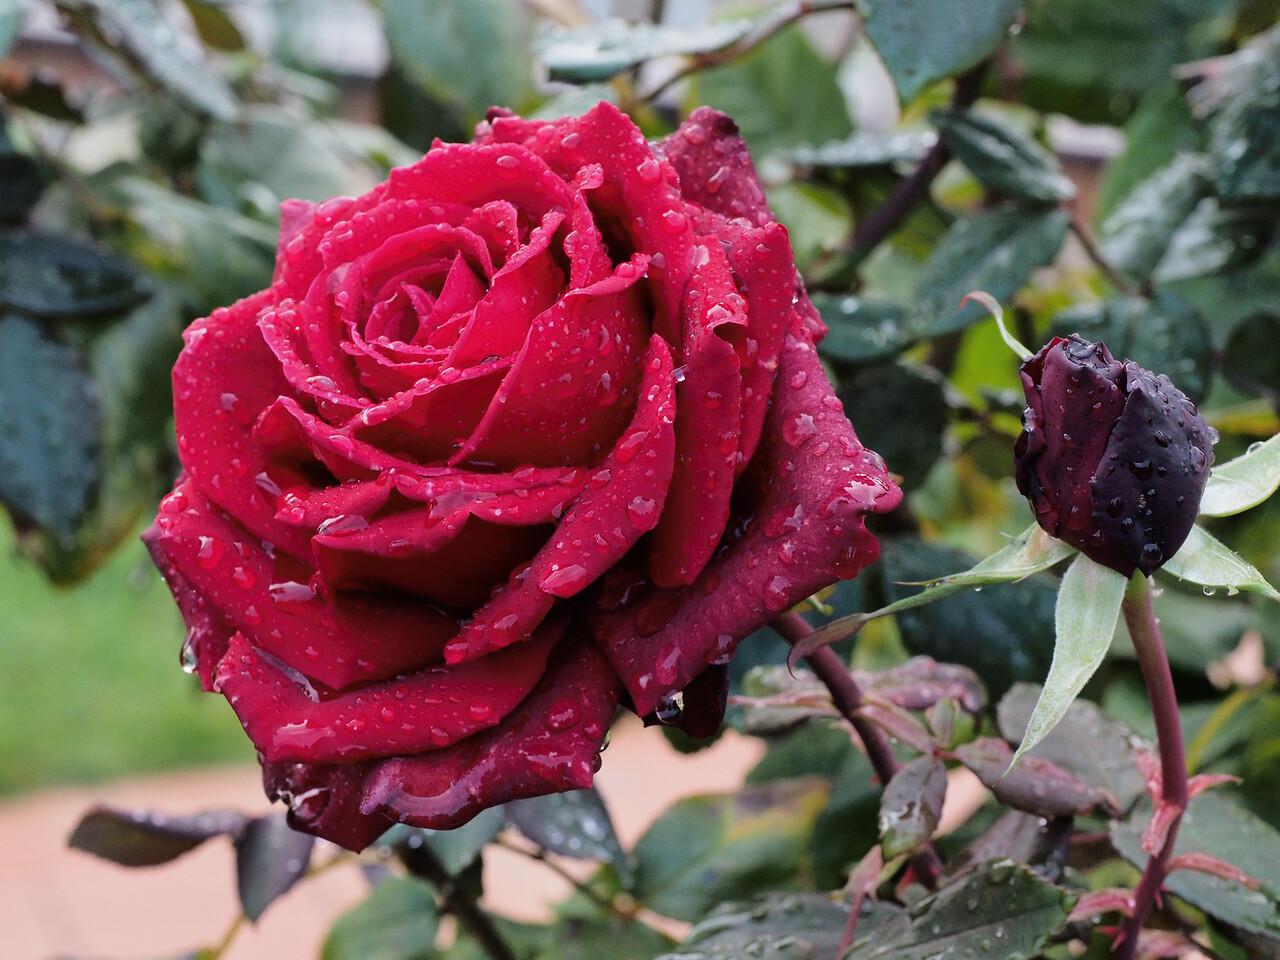 20140605_1005_2185 rose